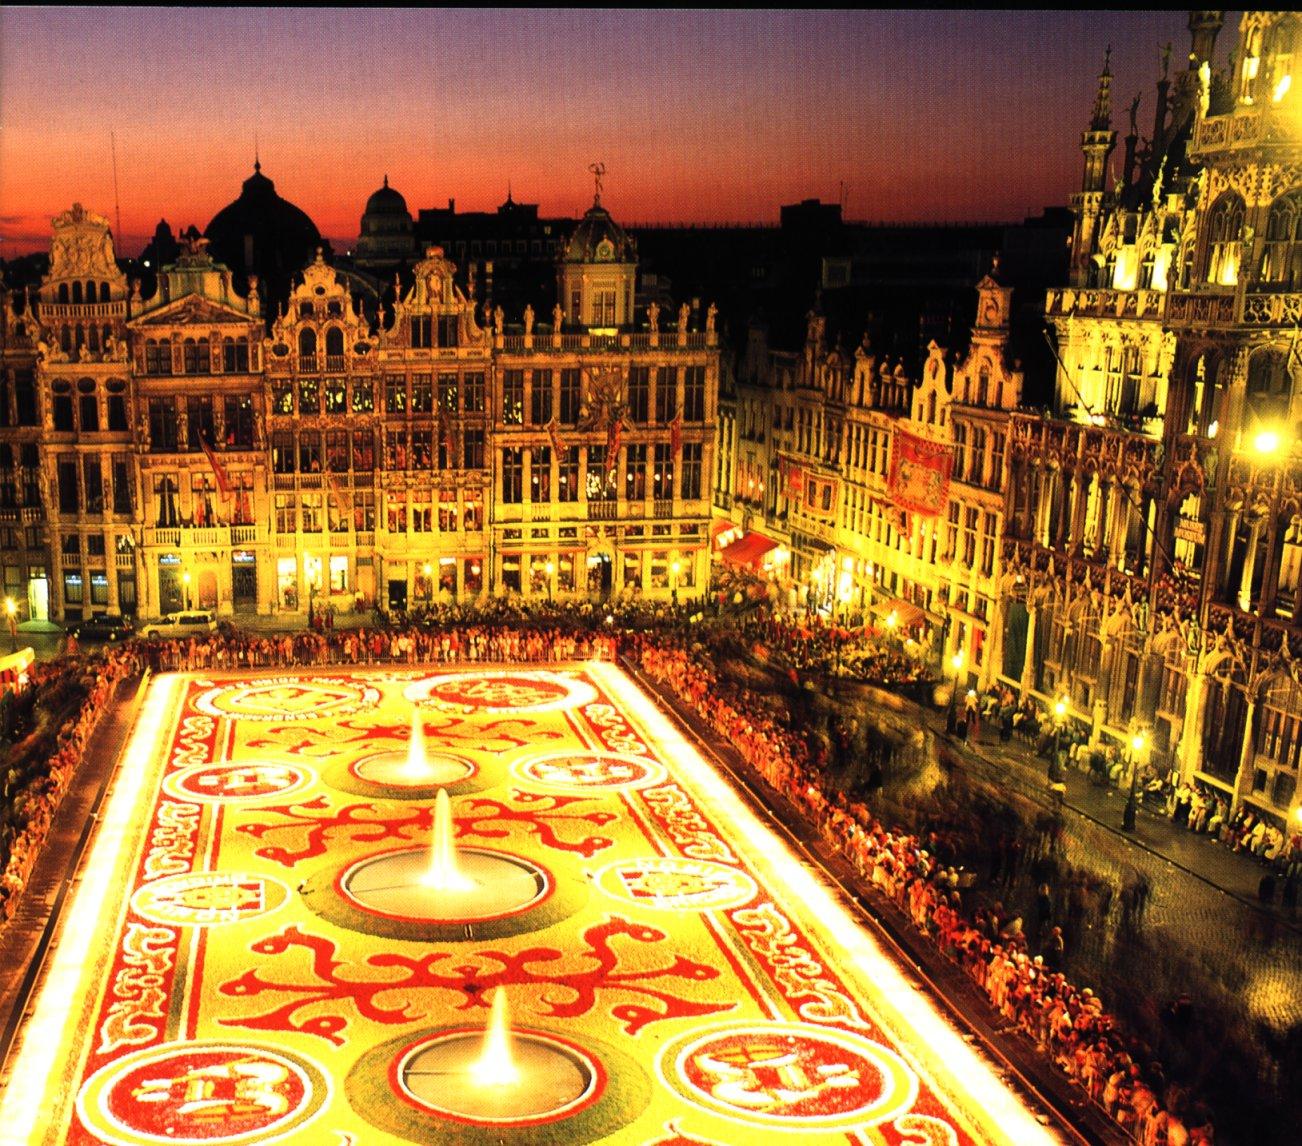 I Got Your Rug!: The Brussels Flower Carpet